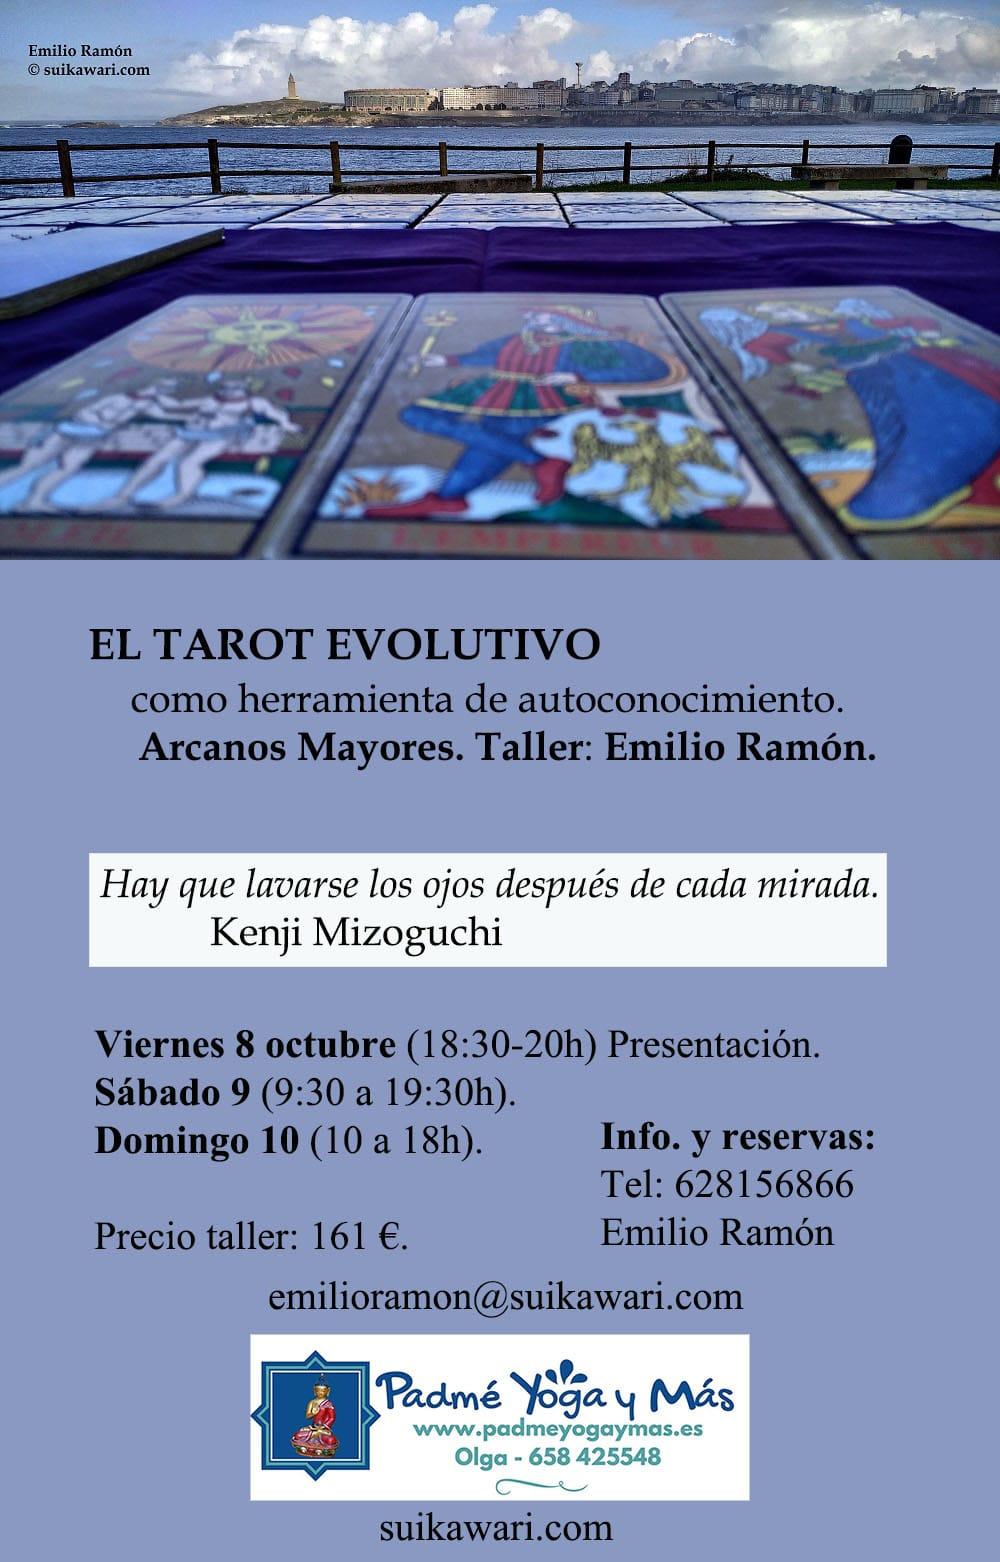 El Tarot Evolutivo como herramienta de autoconocimiento.